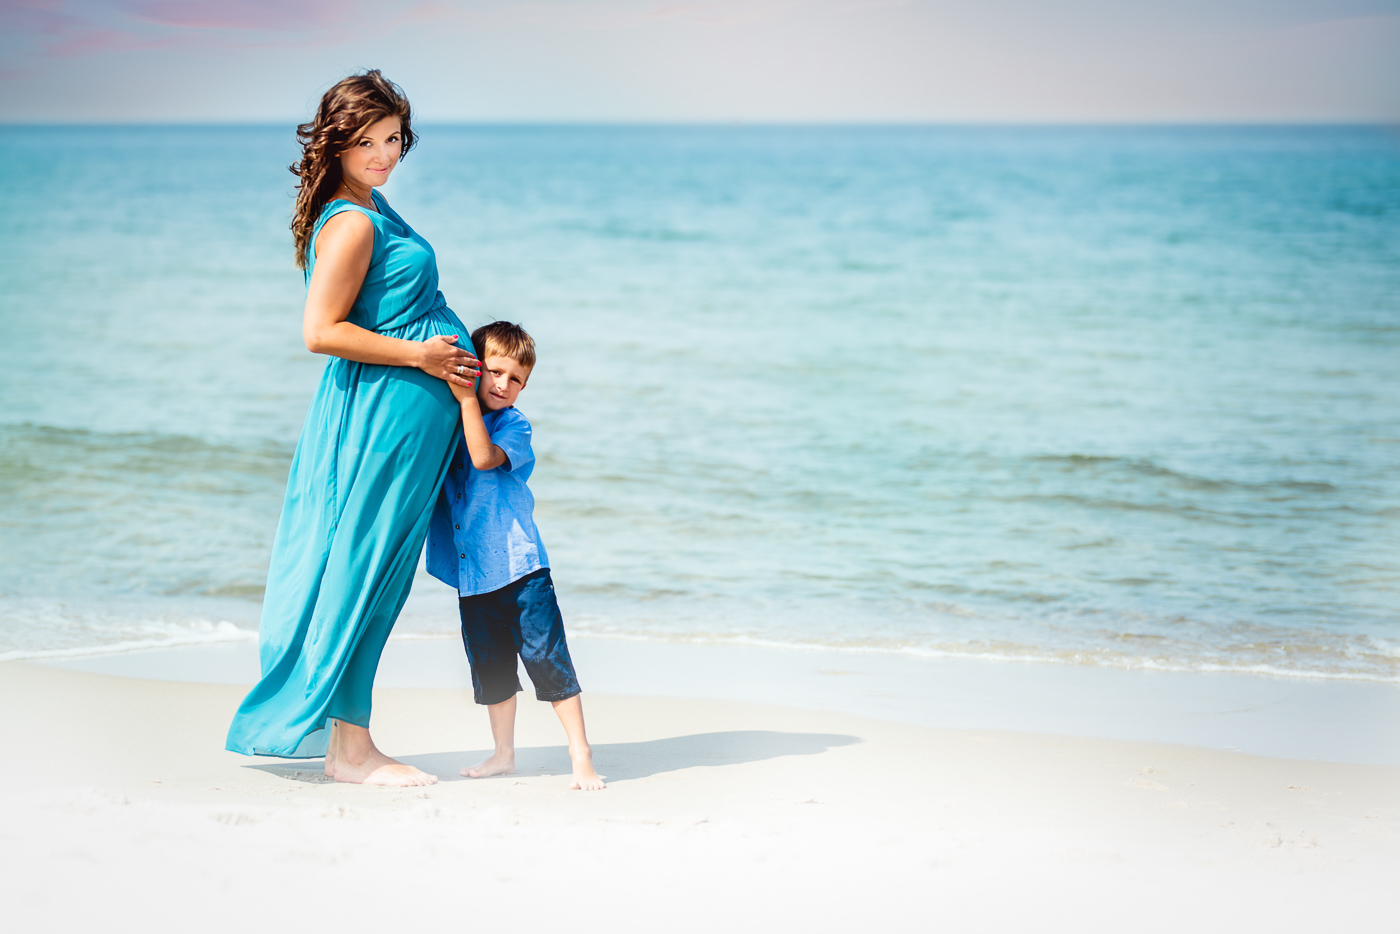 Zdjęcie mamy z synkiem nad morzem